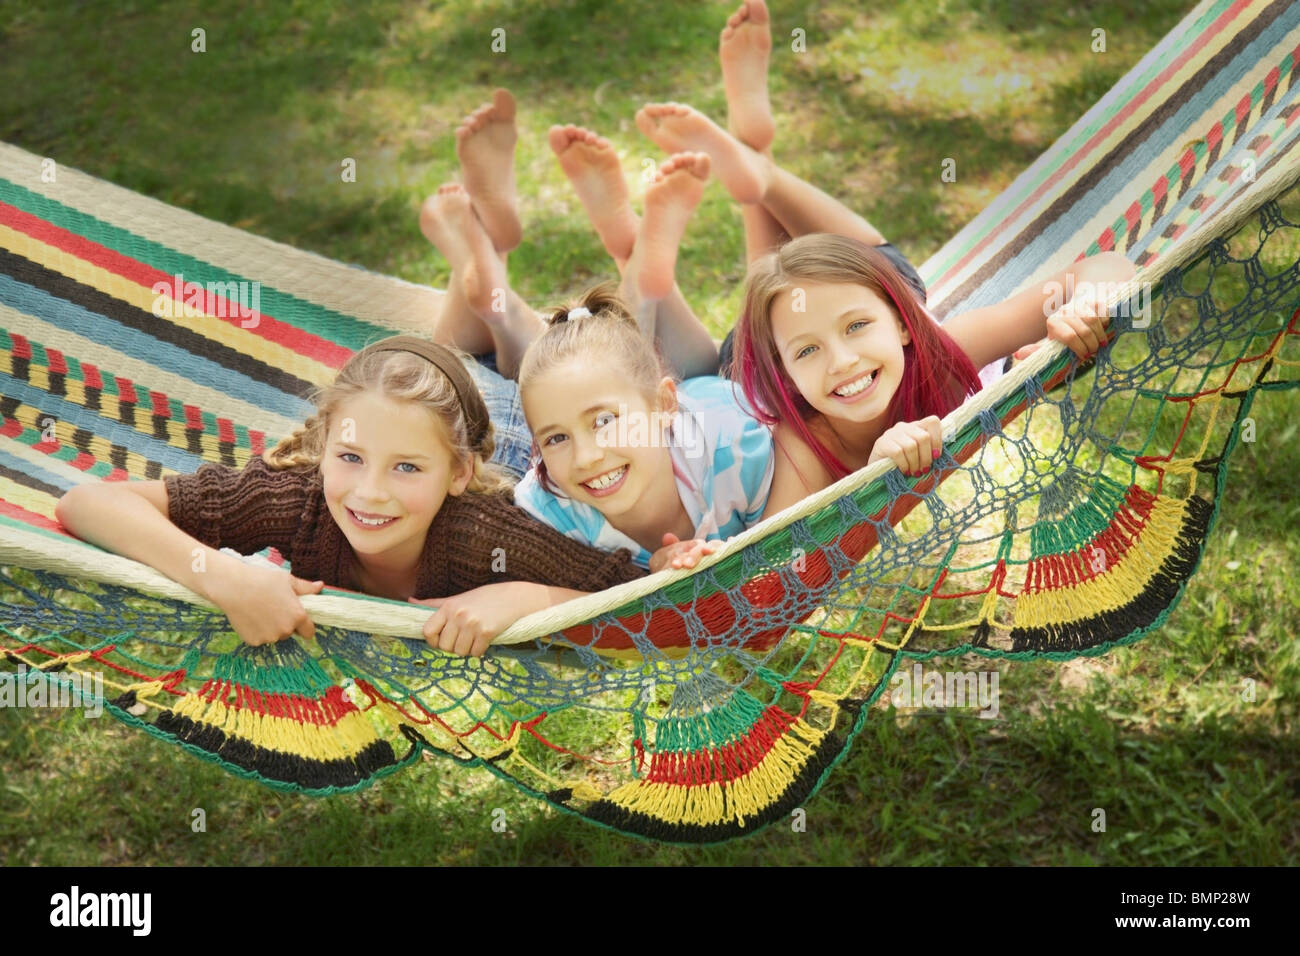 Edmonton, Alberta, Canadá; tres niñas tumbarse en una hamaca Imagen De Stock